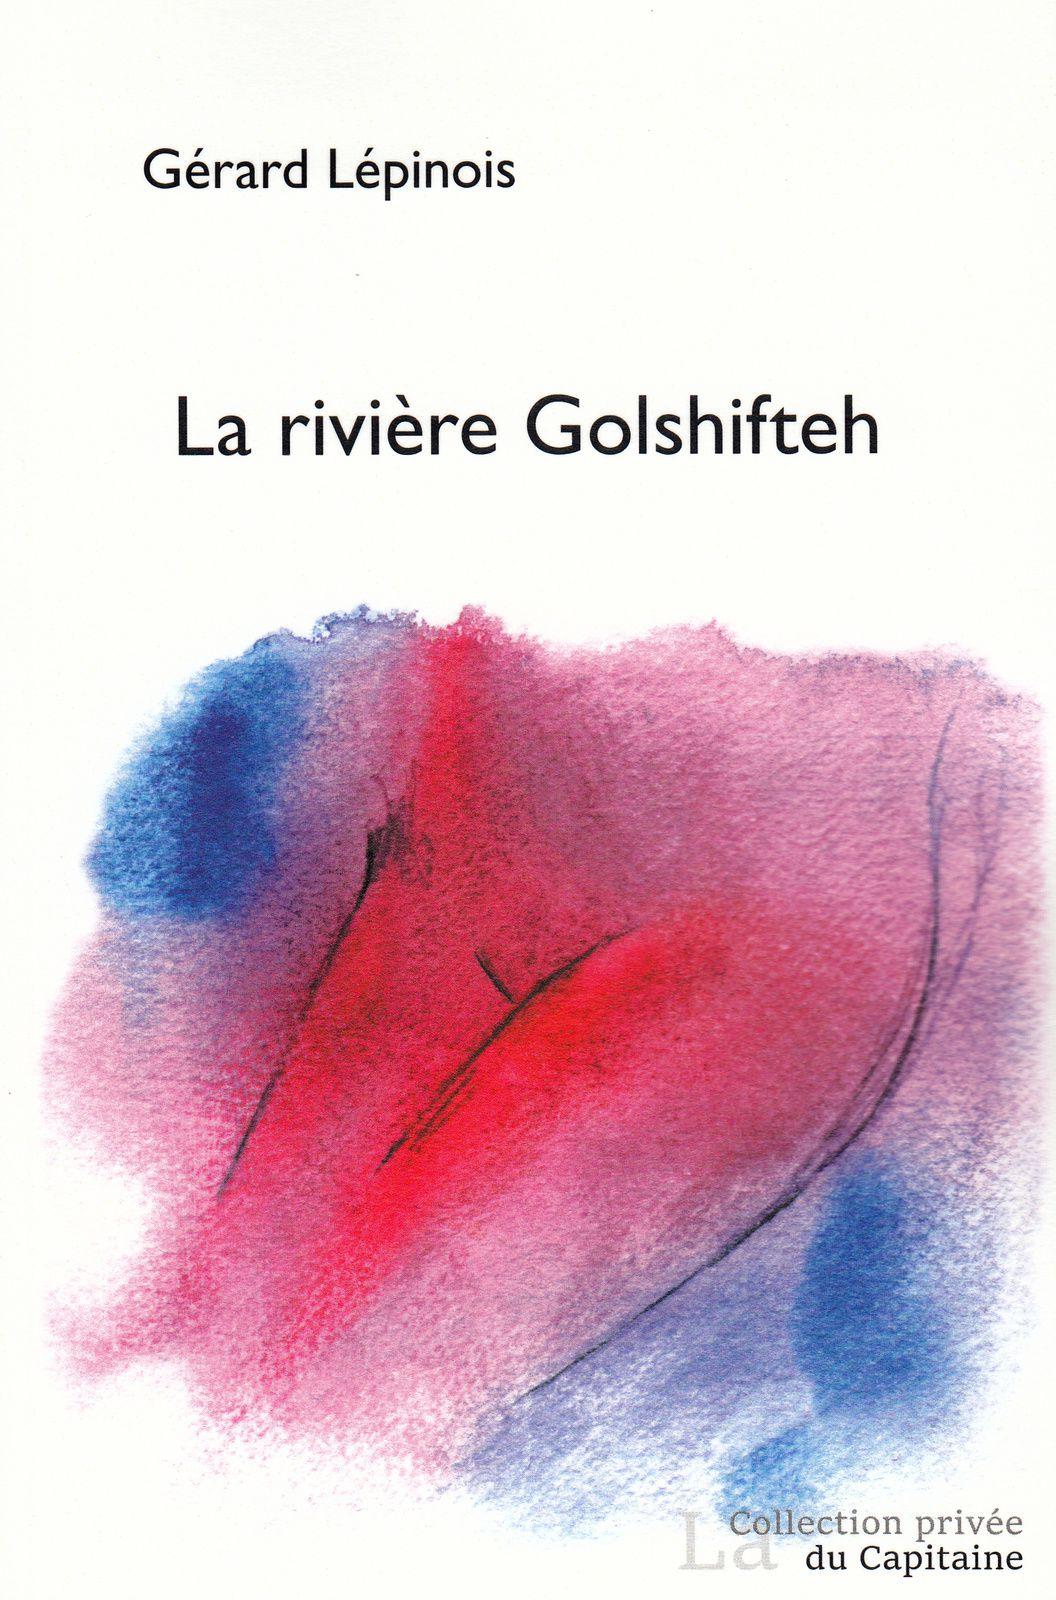 quelques livres de Gérard Lépinois